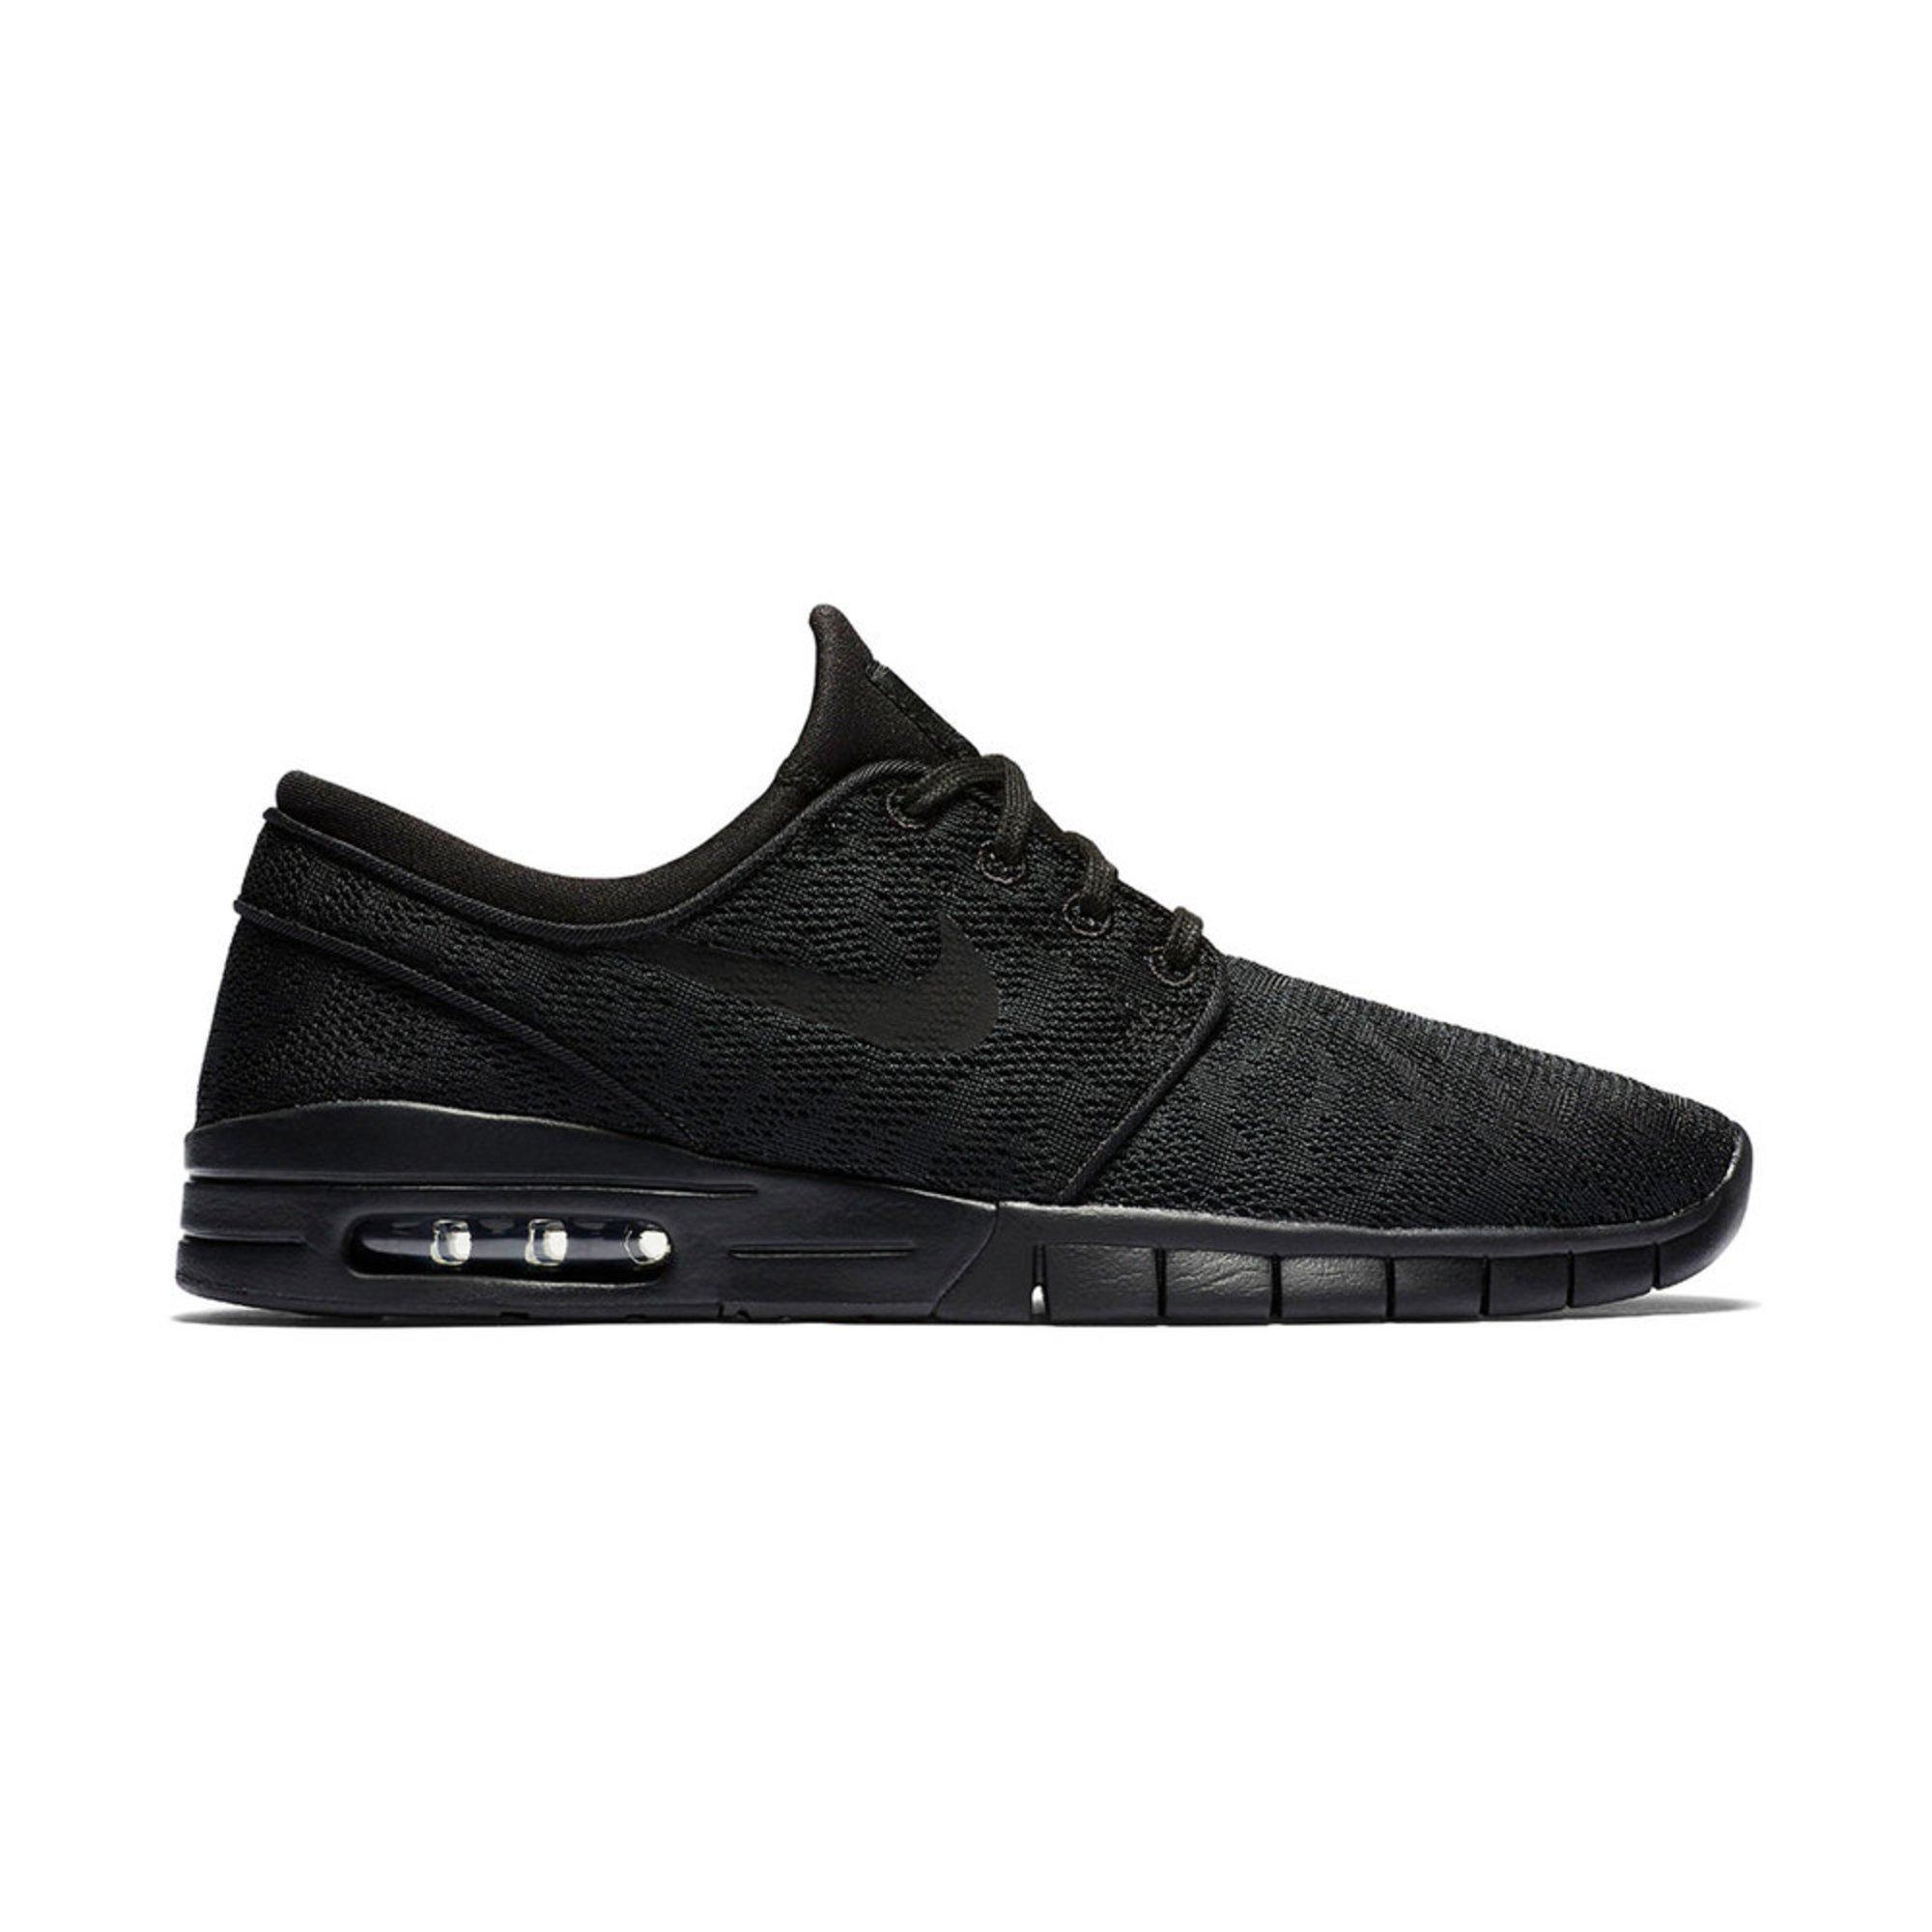 bb8b9579abfff Nike SB. Nike SB Men s Stefan Janoski Max Skate Shoe